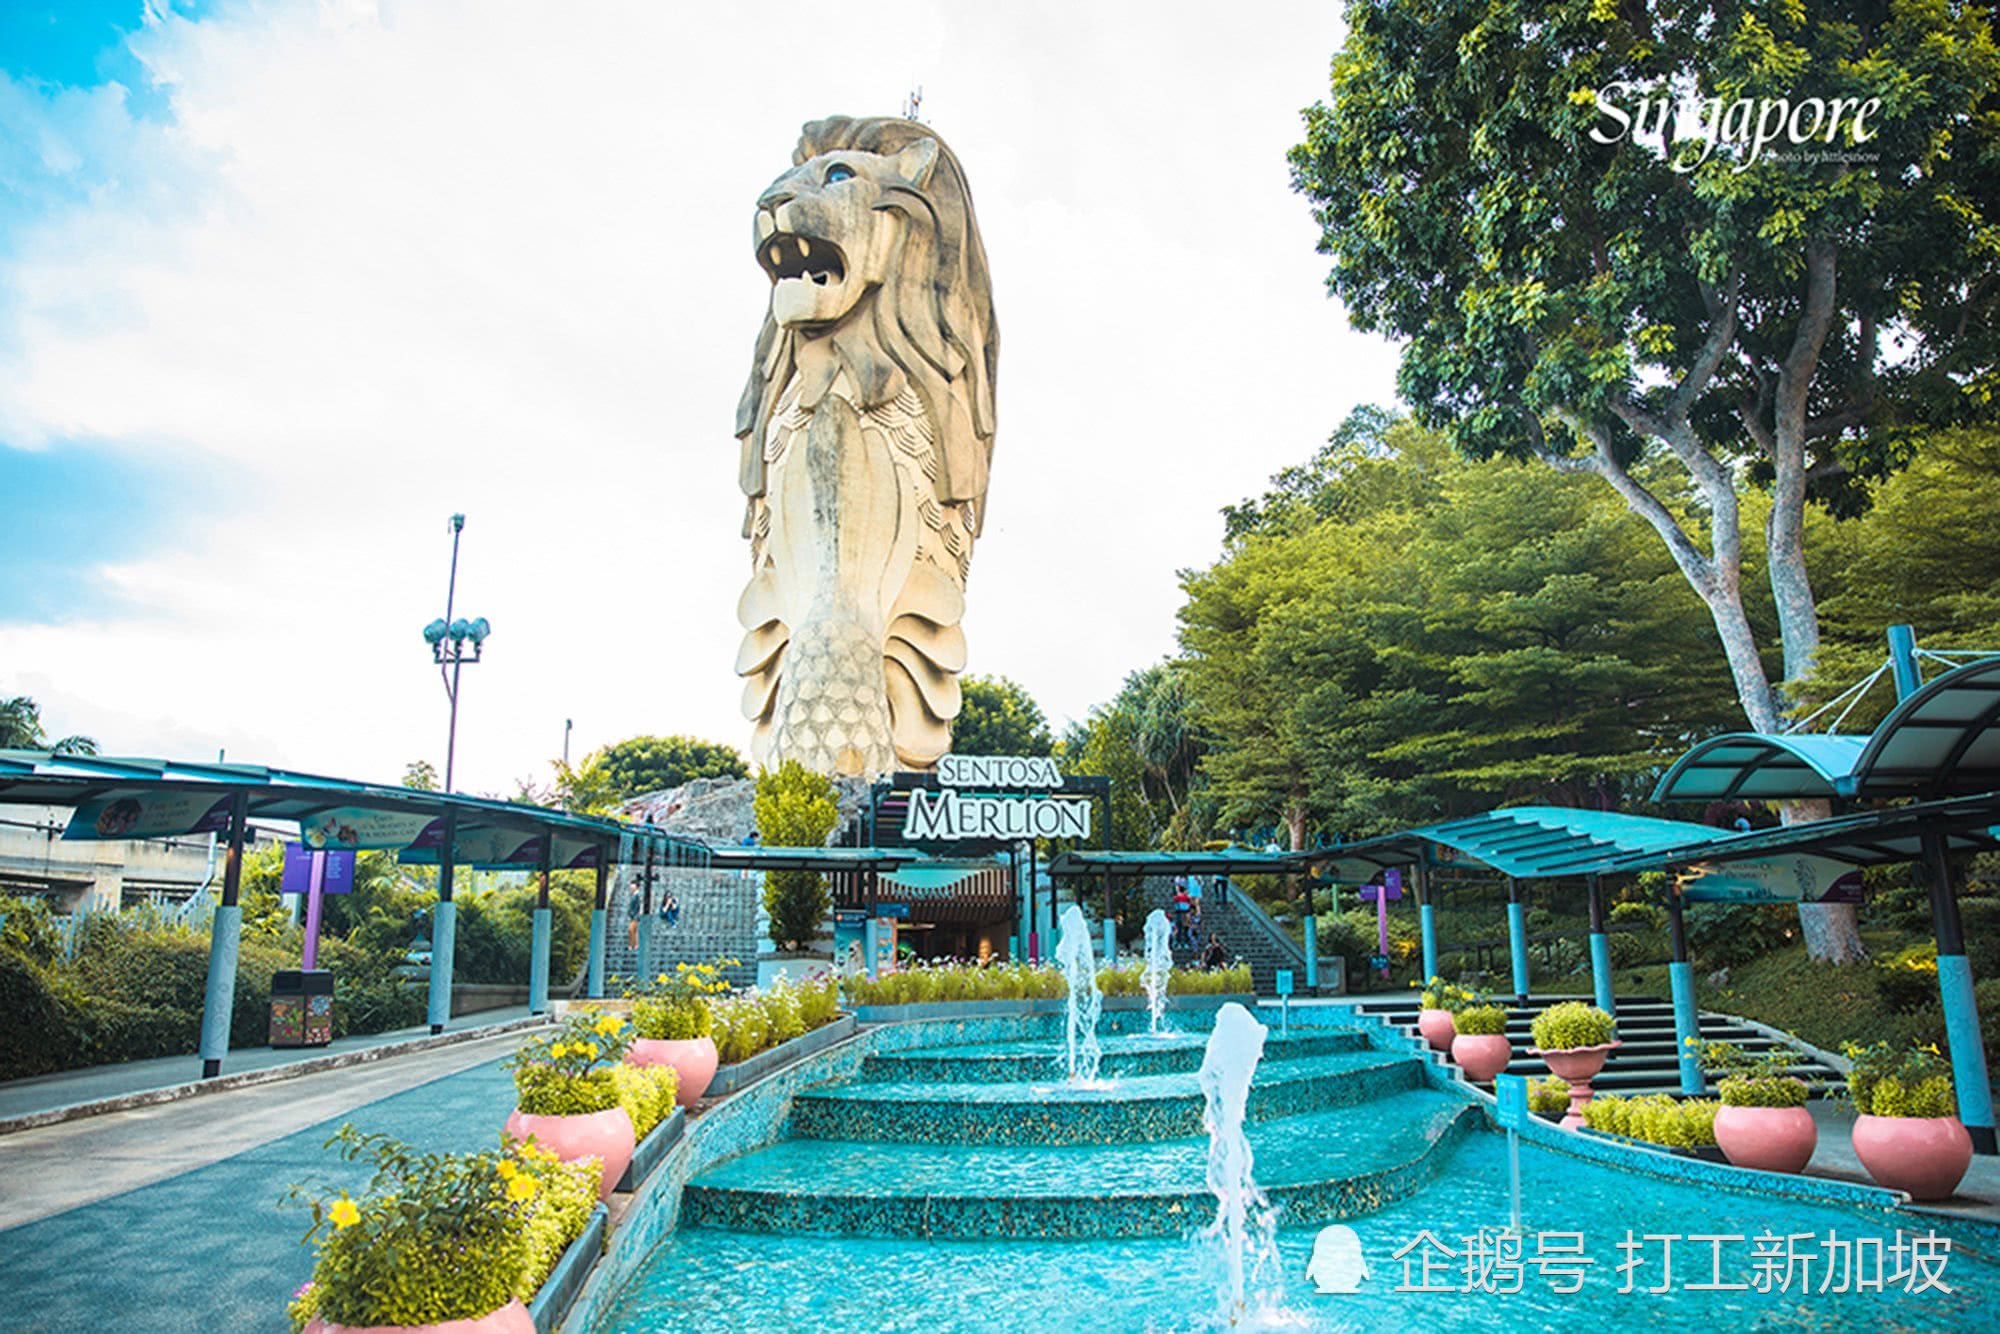 救救鱼尾狮吧!新加坡导游发起请愿书希望总理能够留住鱼尾狮